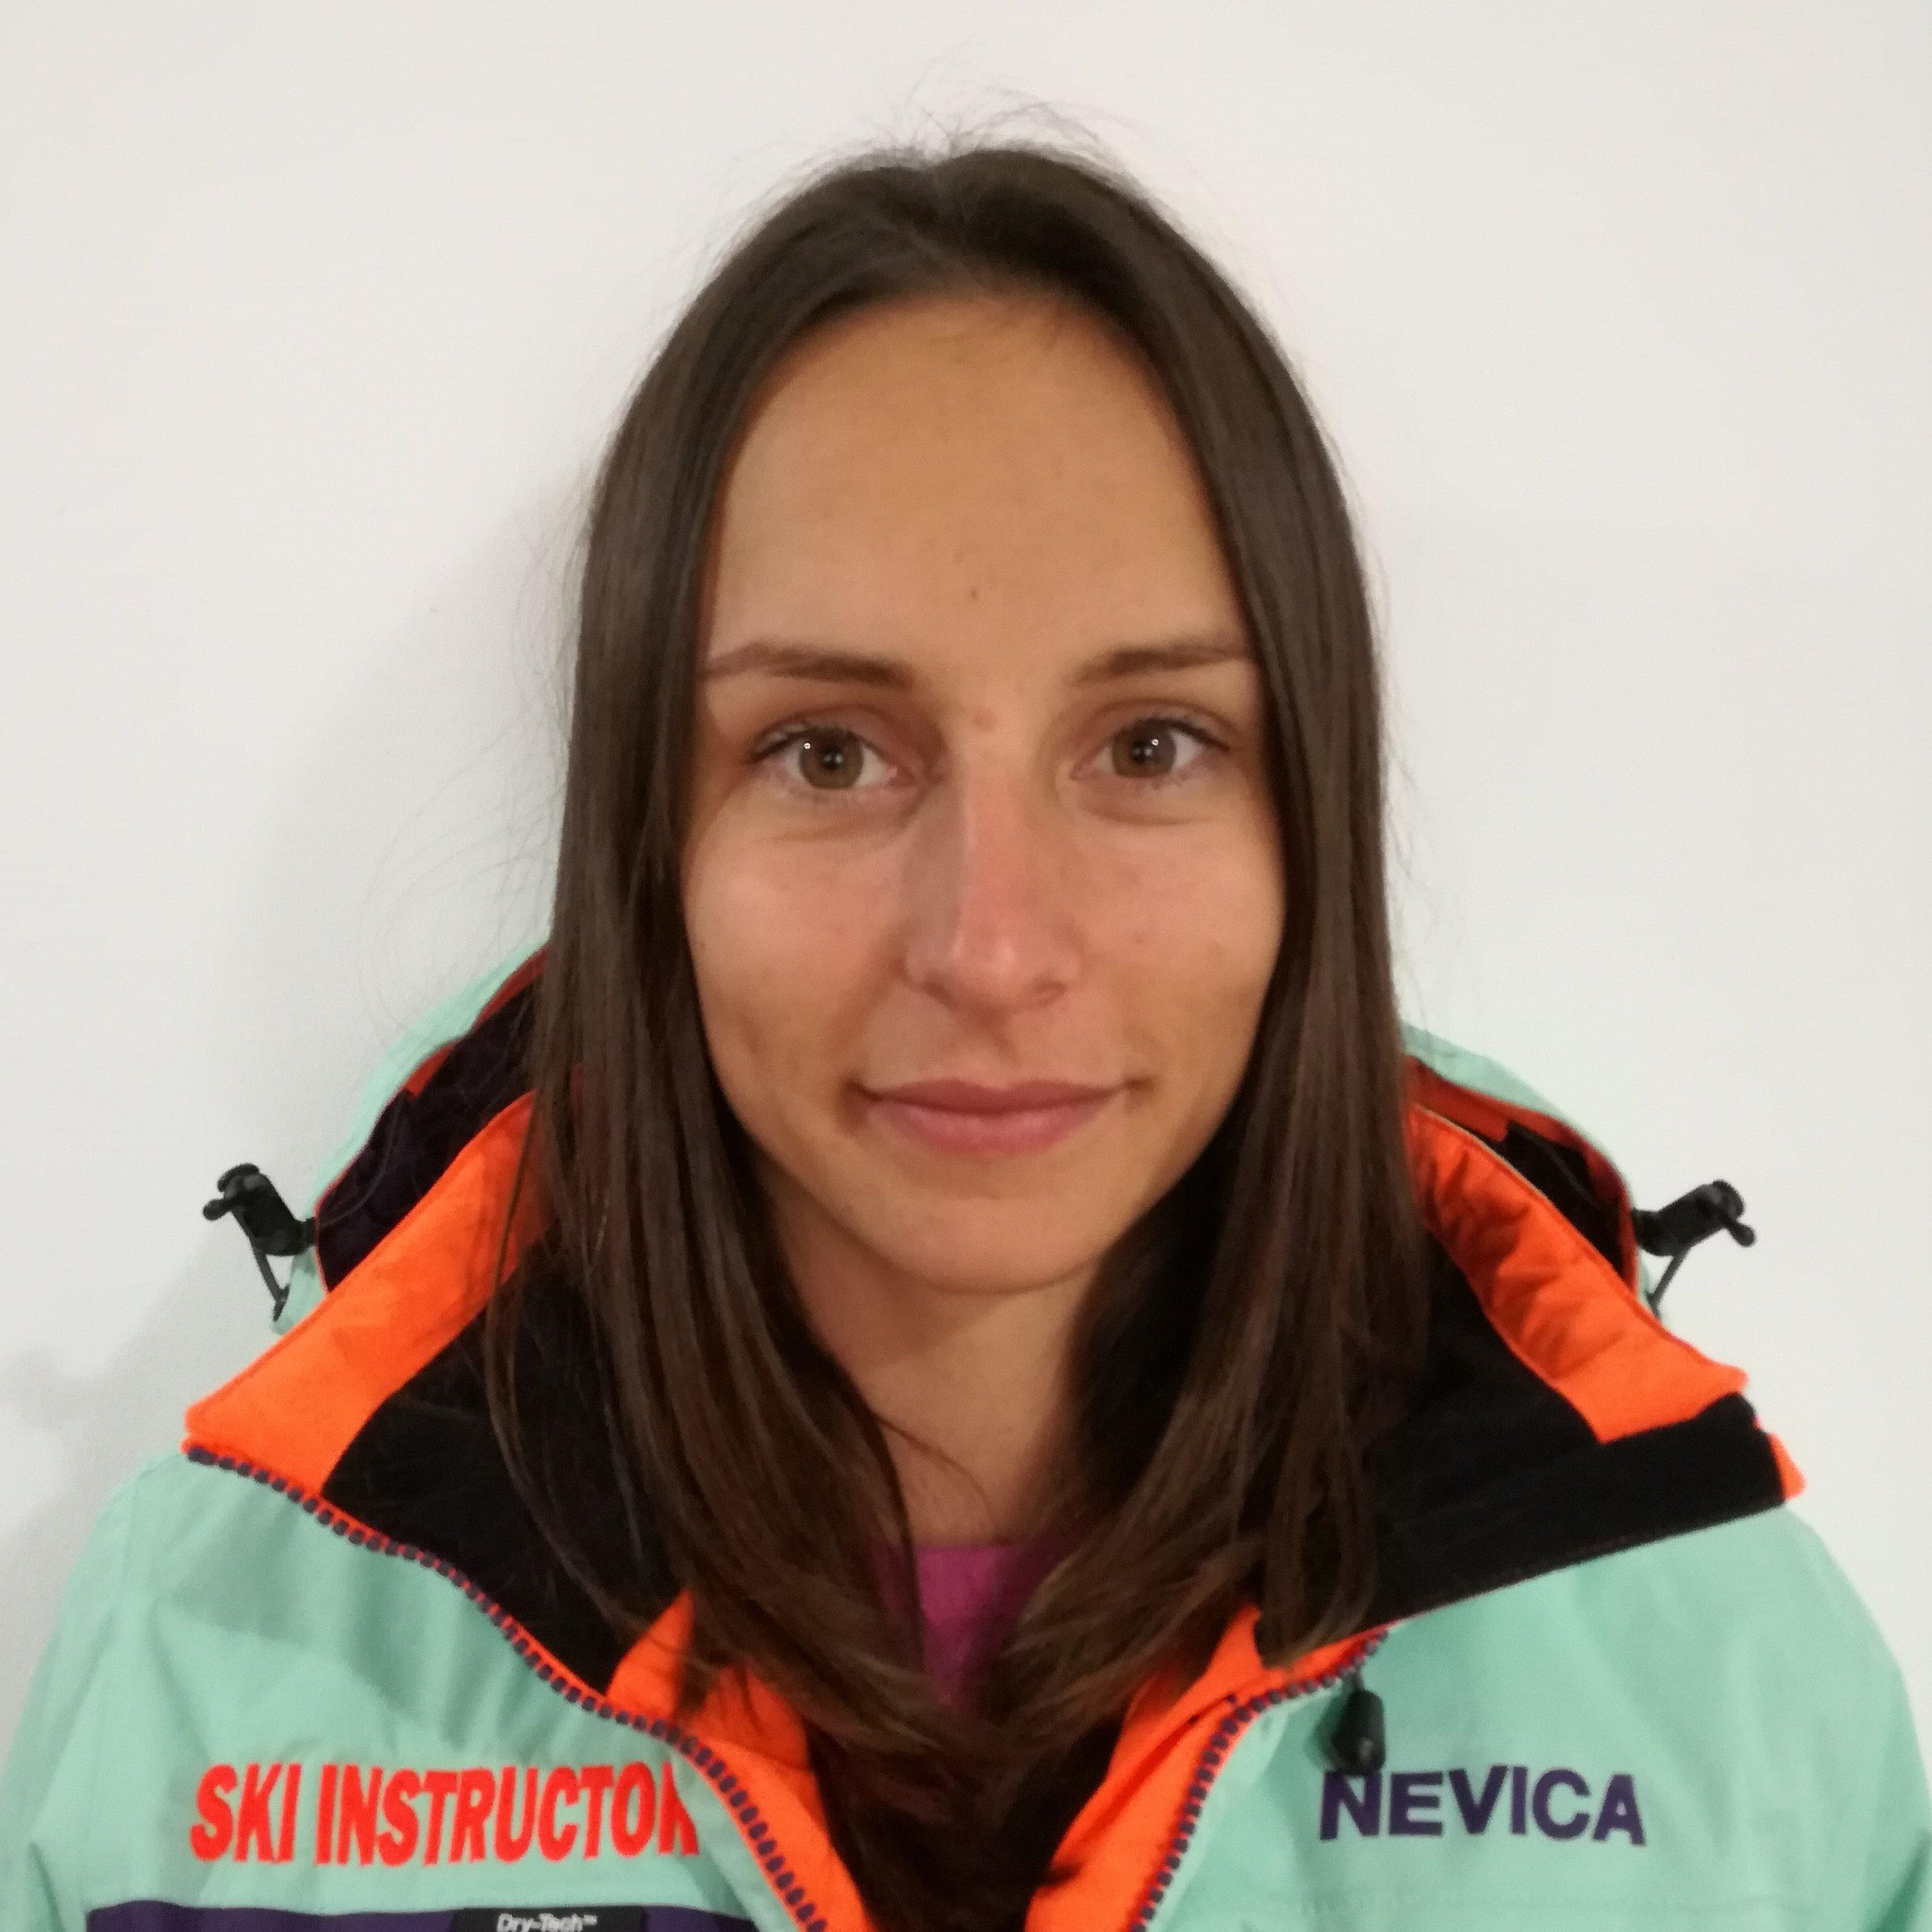 Ski Instructor at R&J Ski School Poiana Brasov | Monitor de ski la R&J Ski School Poiana Brasov